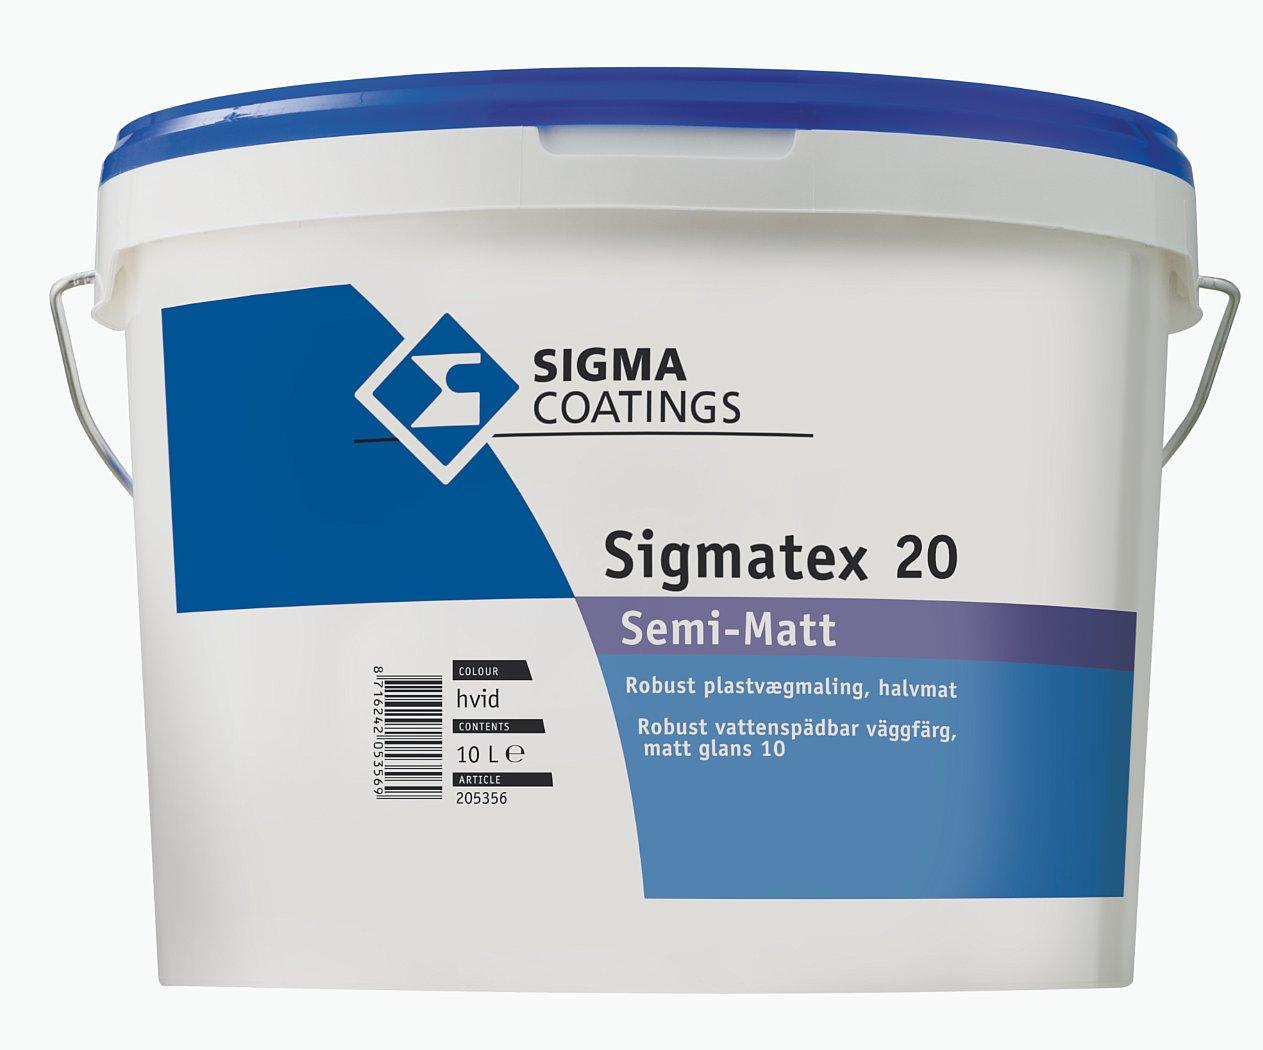 Sigmatex 20